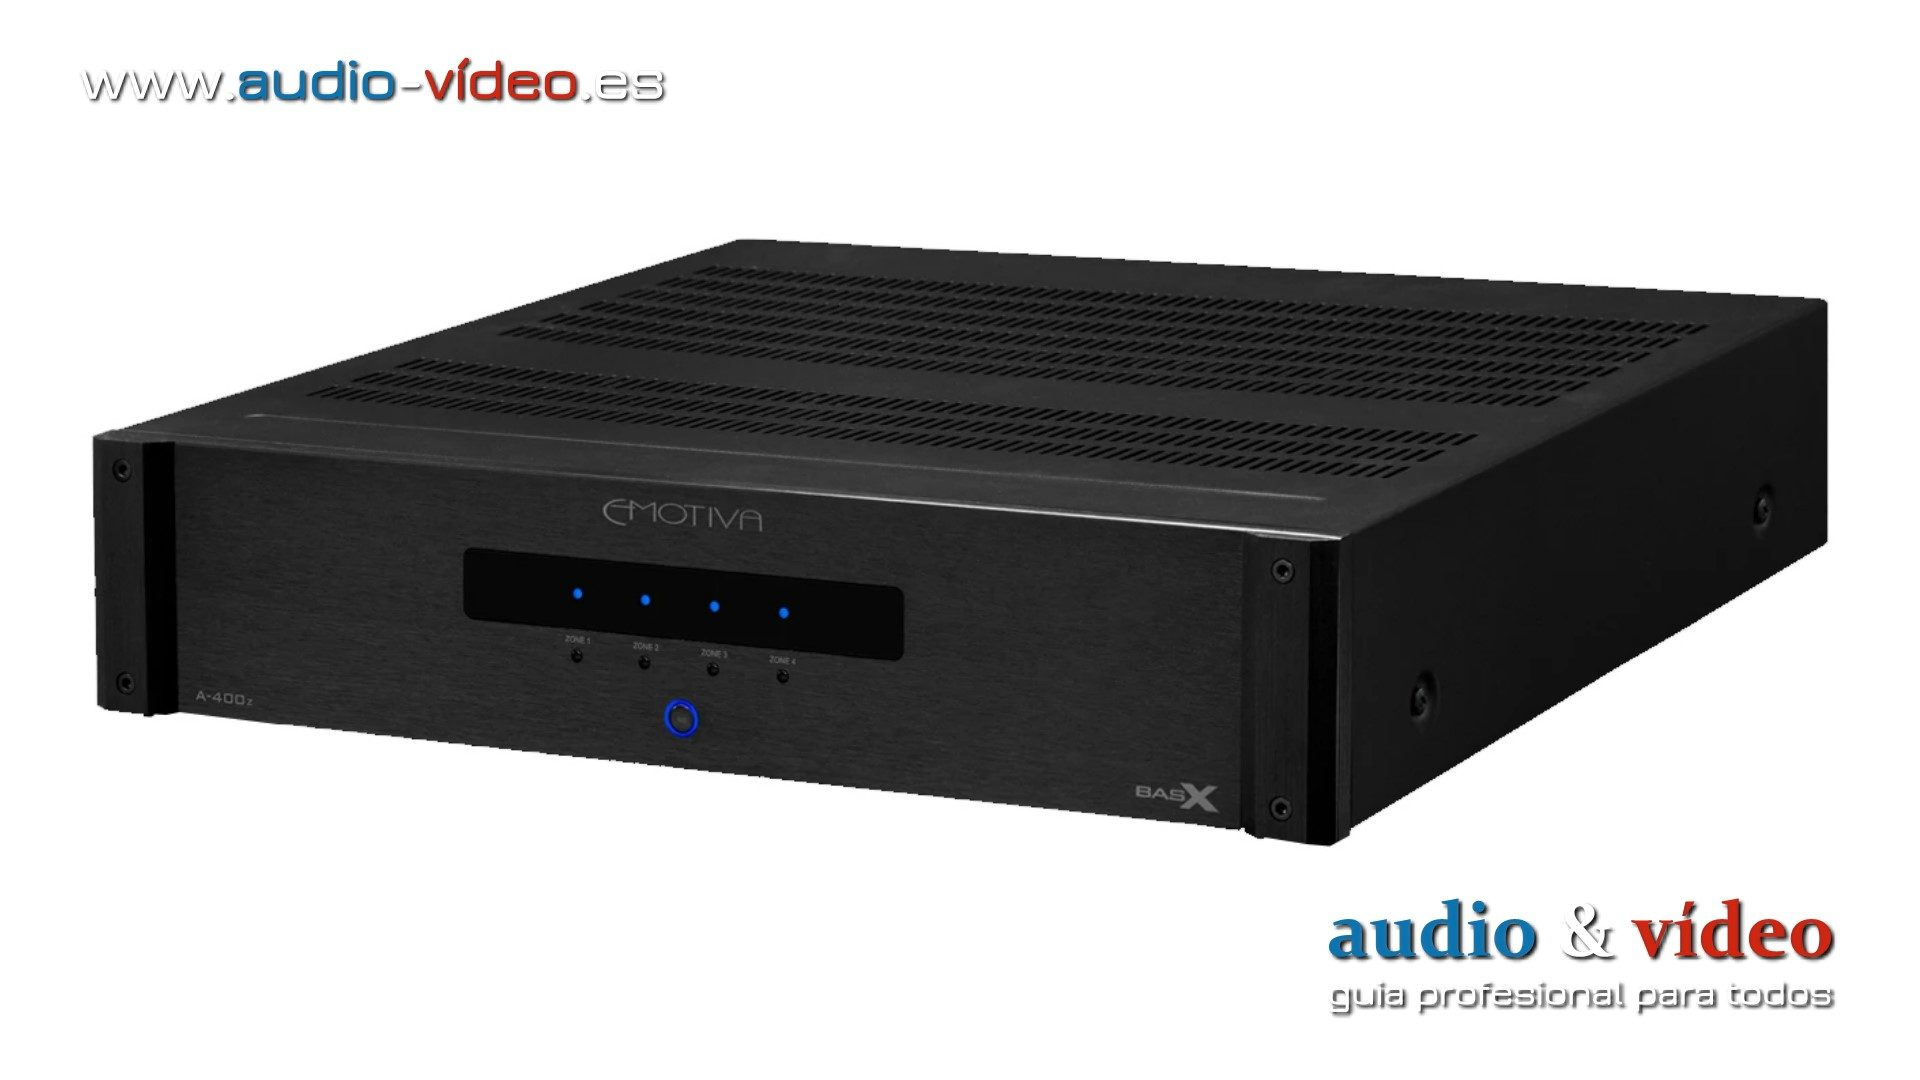 Emotiva A-400z, el nuevo amplificador BasX con distribución zonas de audio